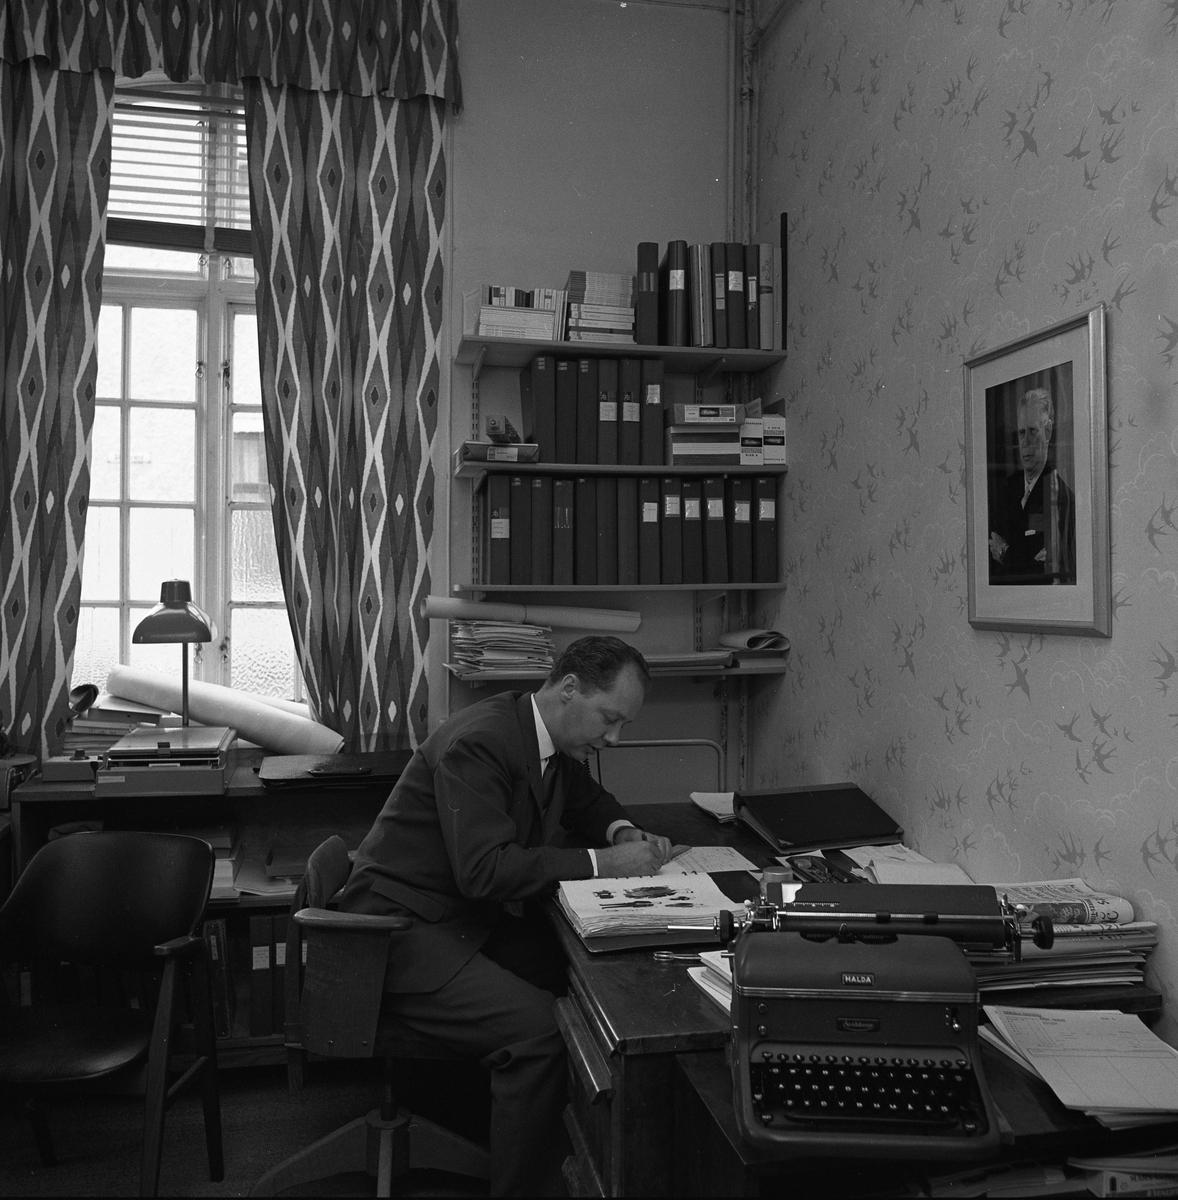 Arboga Tidning, personal och interiör. Willy Johansson, annonschef, sitter vid skrivbordet. Han är klädd i kostym och slips. Vid sidan om Willy finns en väggfast hylla med pärmar. I förgrunden ses en skrivmaskin.